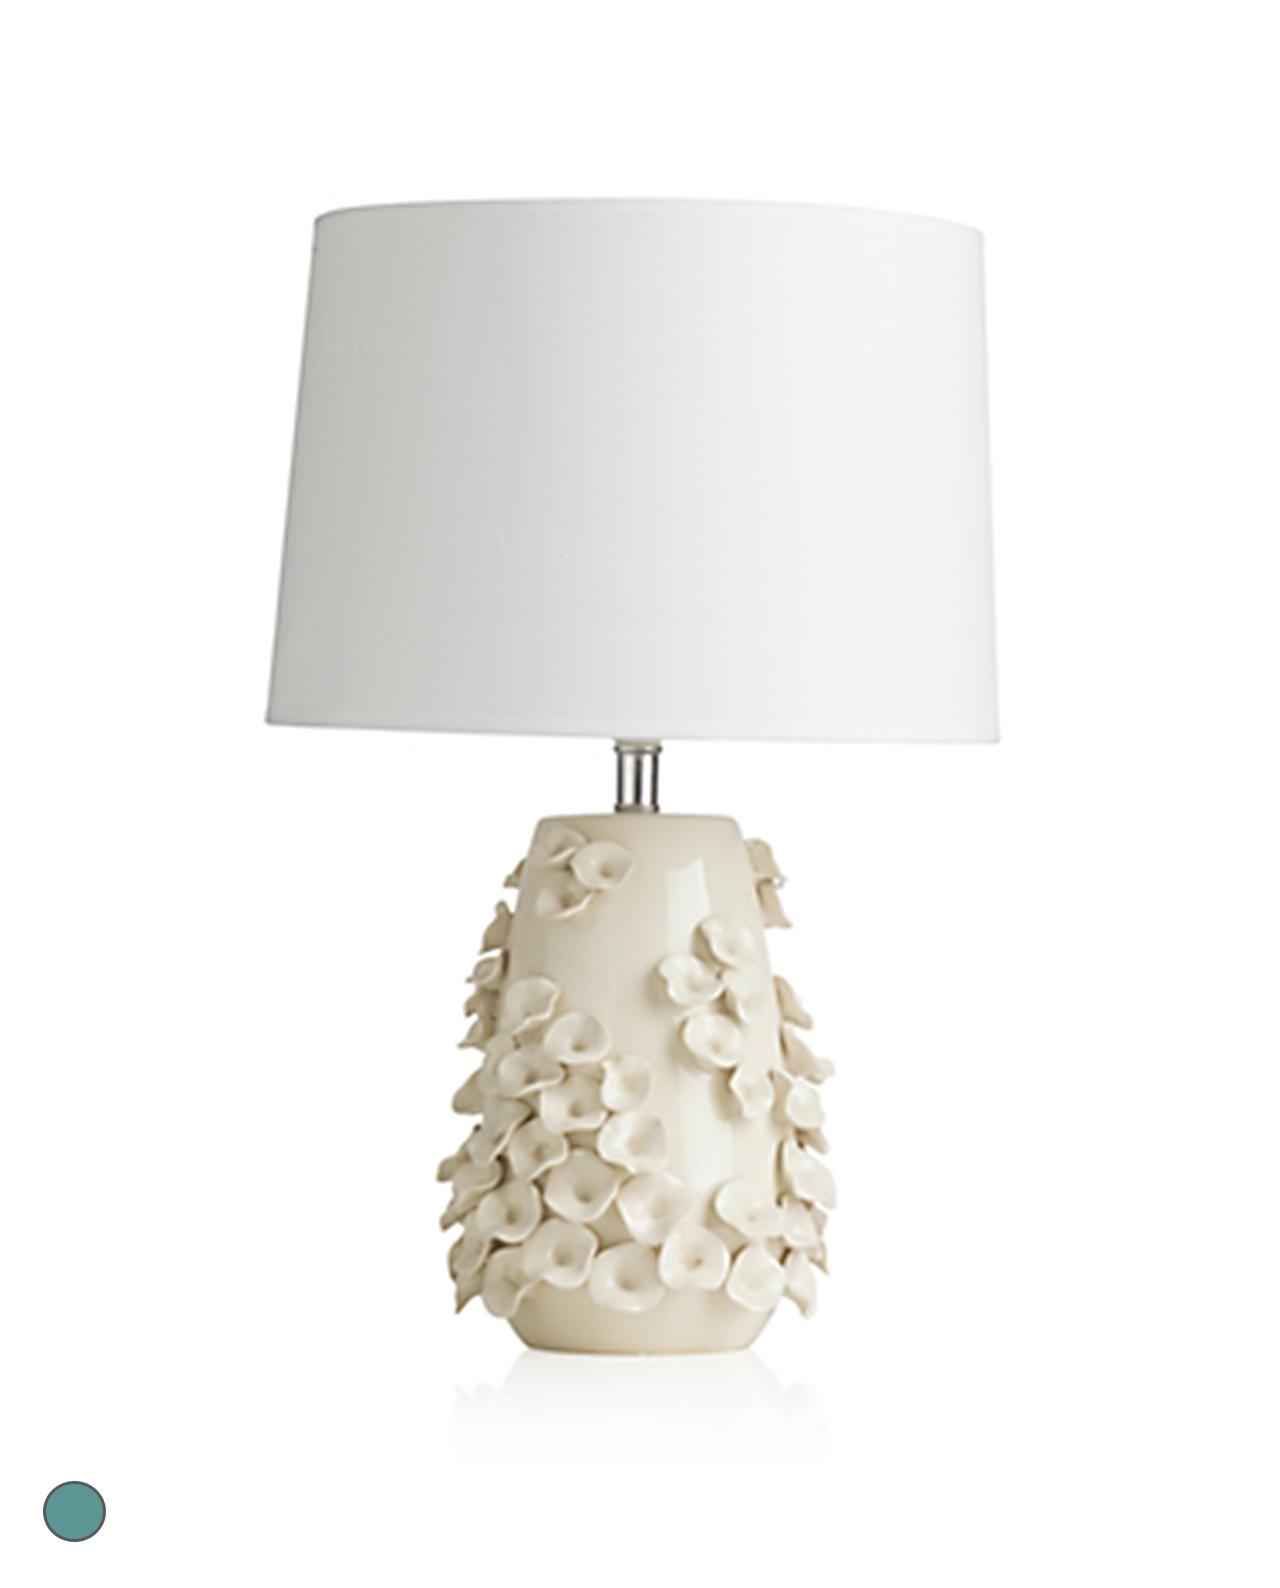 Brandani Lampada Da Terra.Lampada Da Tavolo In Ceramica Calla Brandani Vari Colori Mobilia